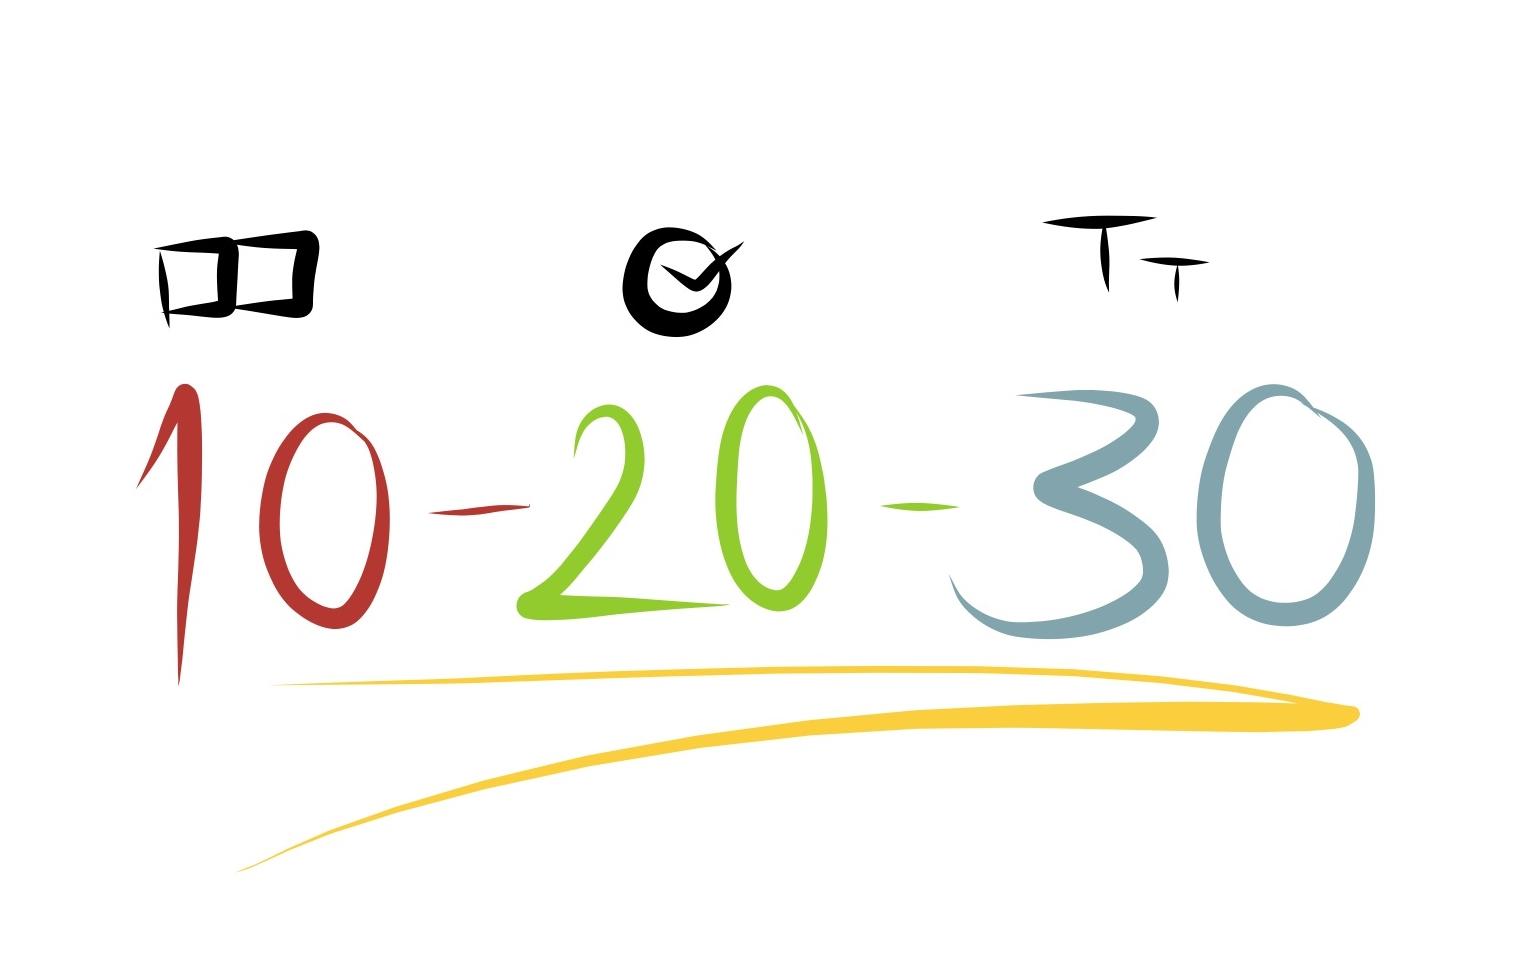 Sunumlarda 10 20 30 kuralı